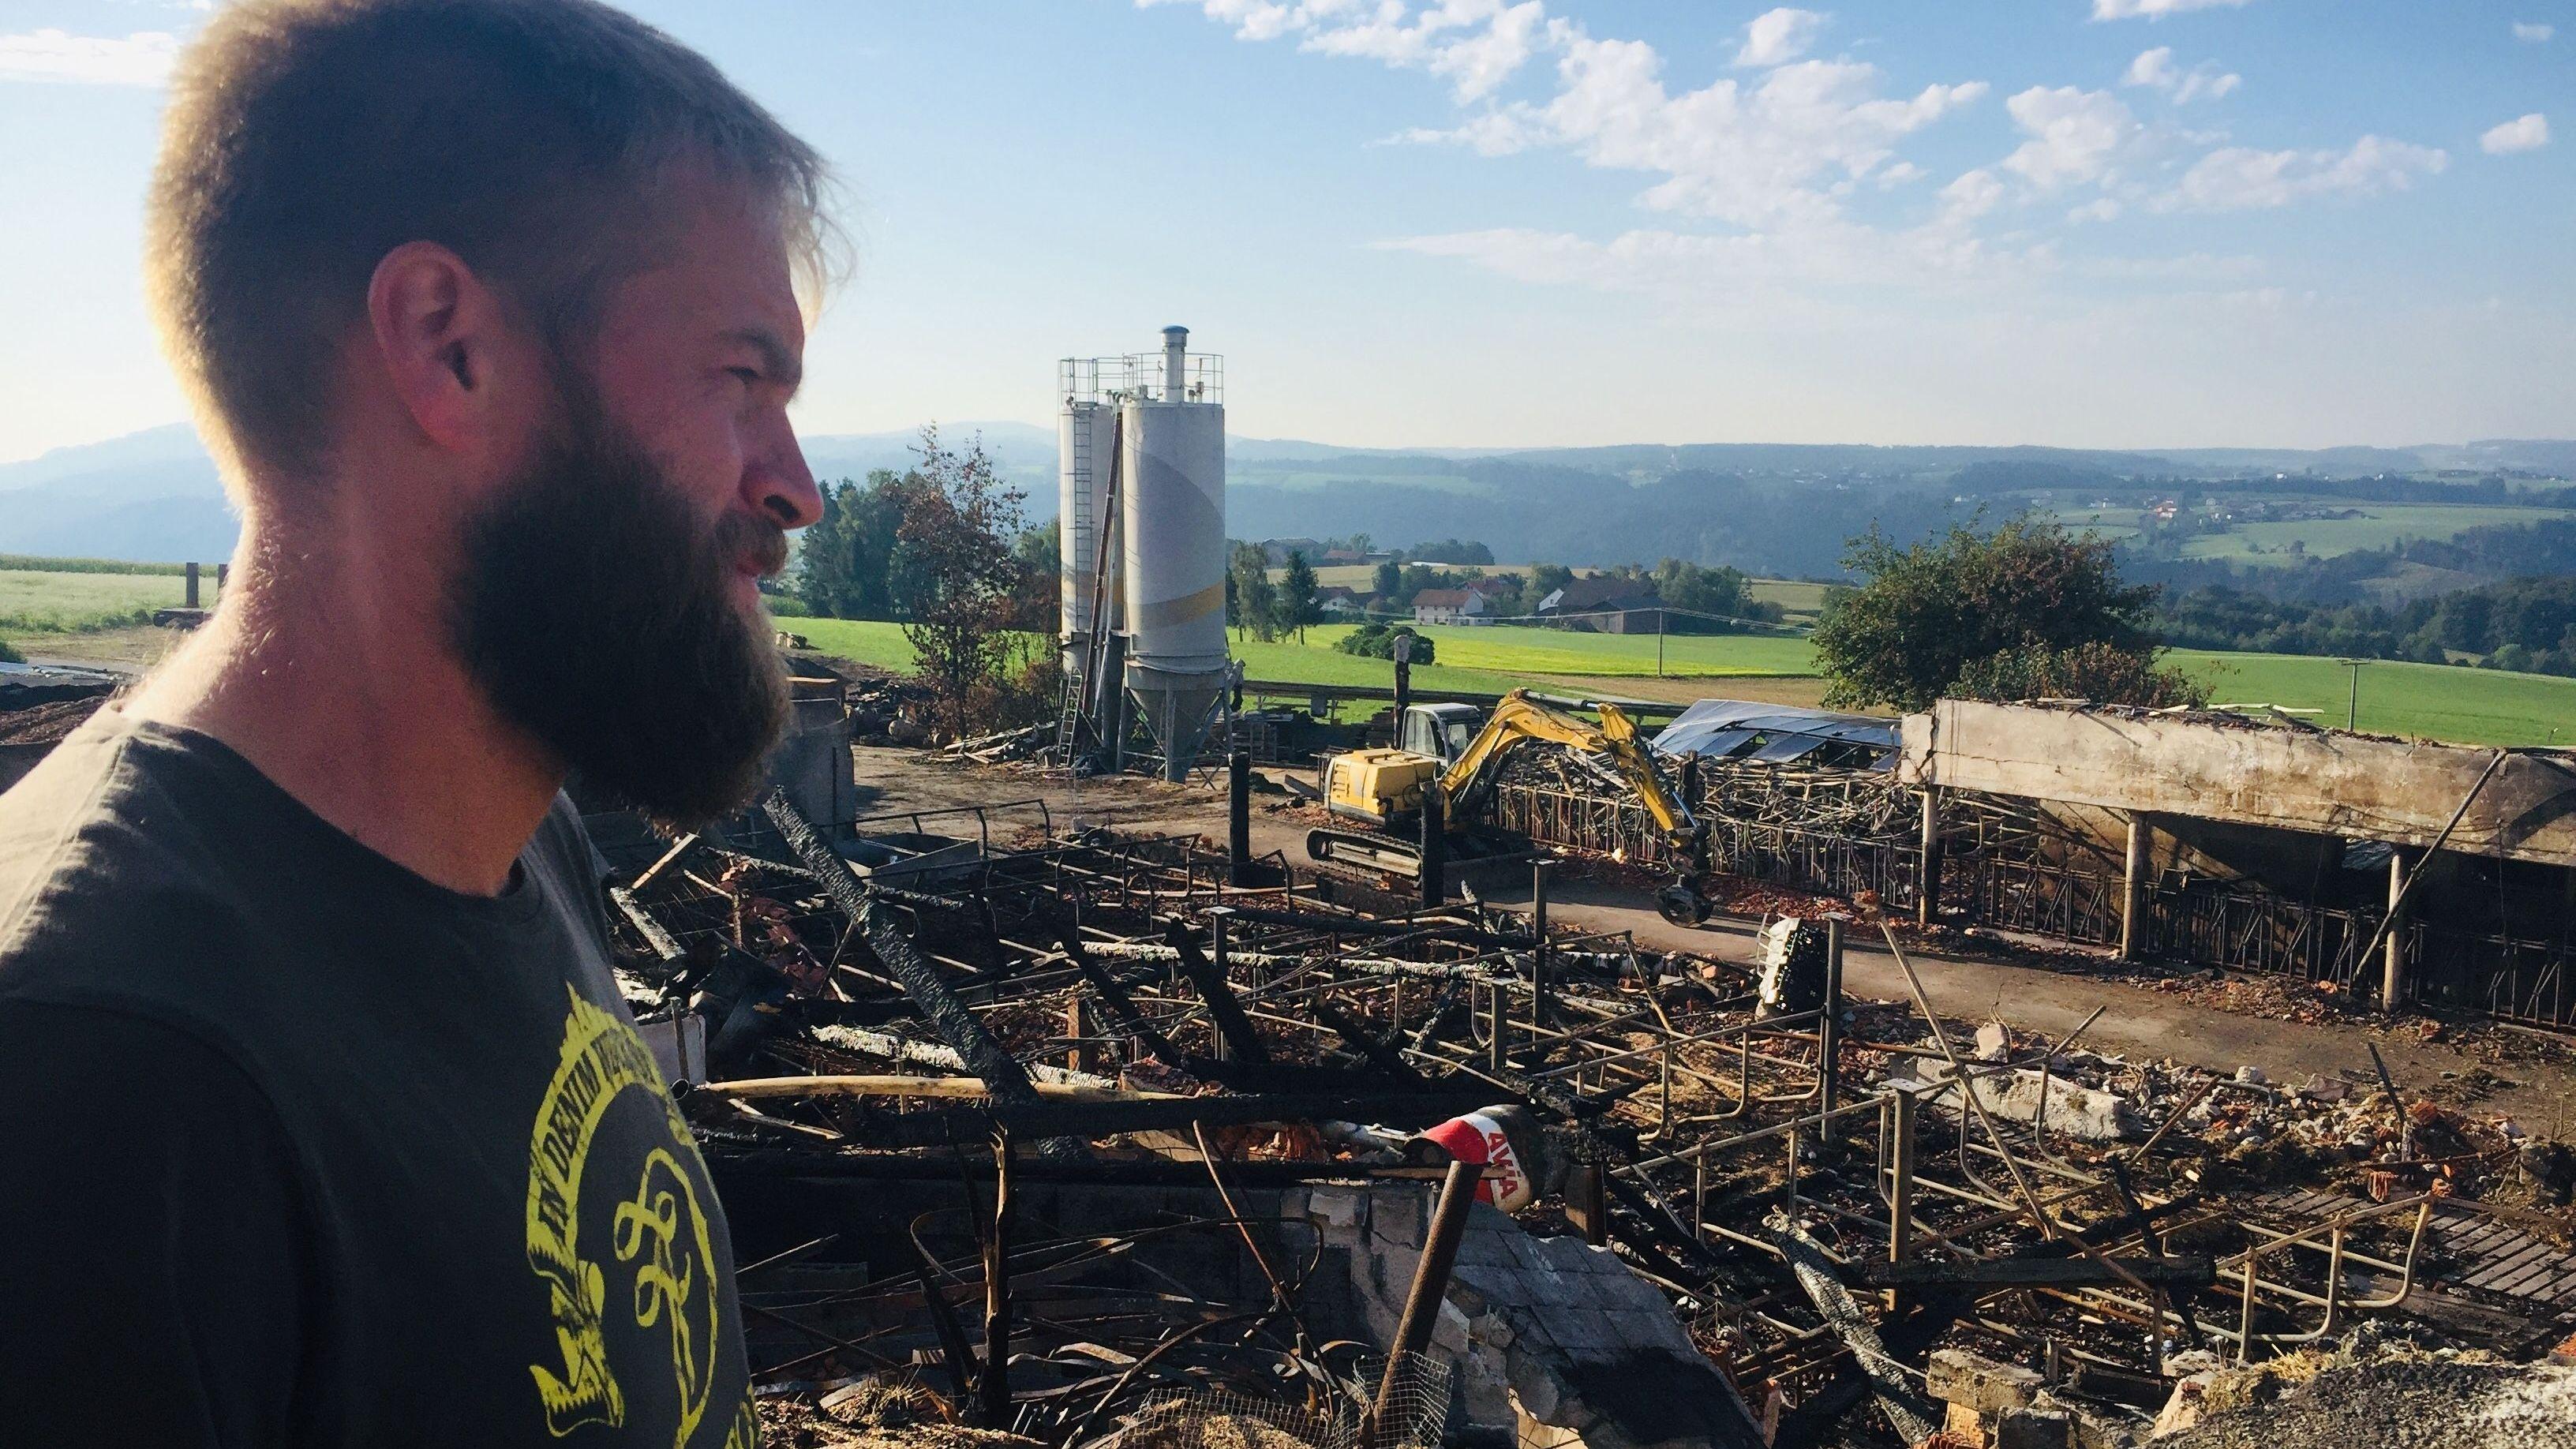 Landwirt Markus Fisch vor der Brandruine, die einmal sein Bauernhof war